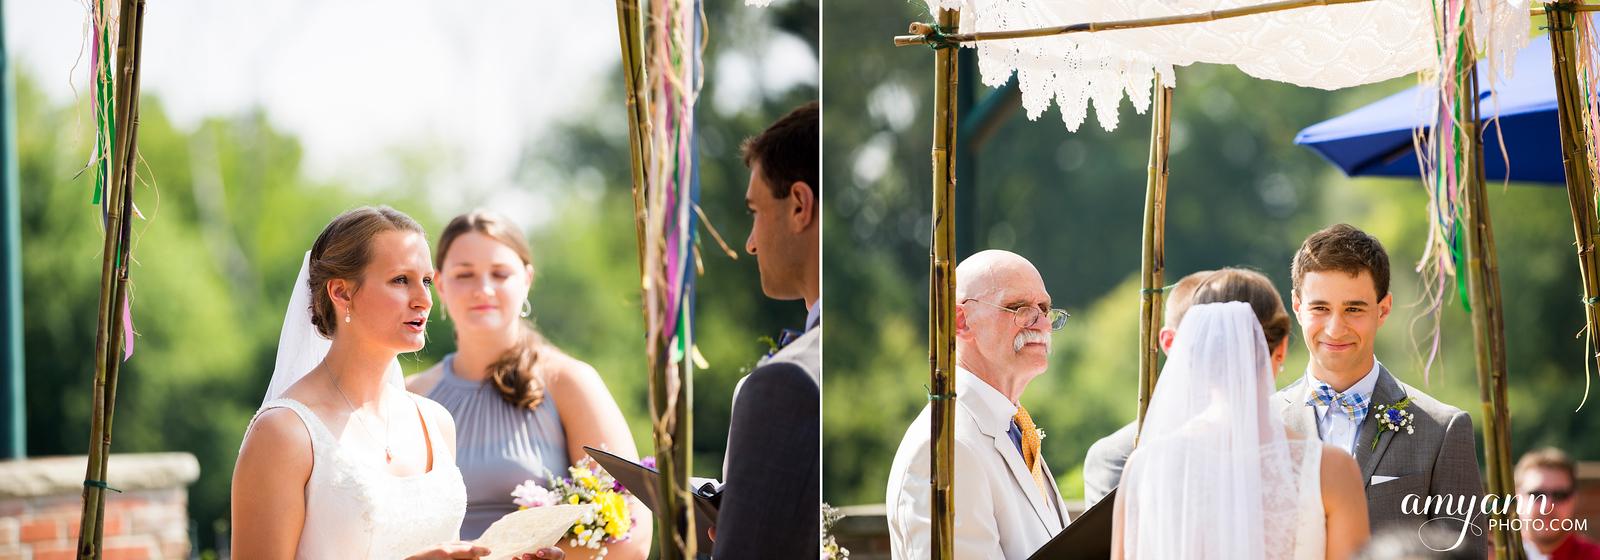 meganben_weddingblog_0024